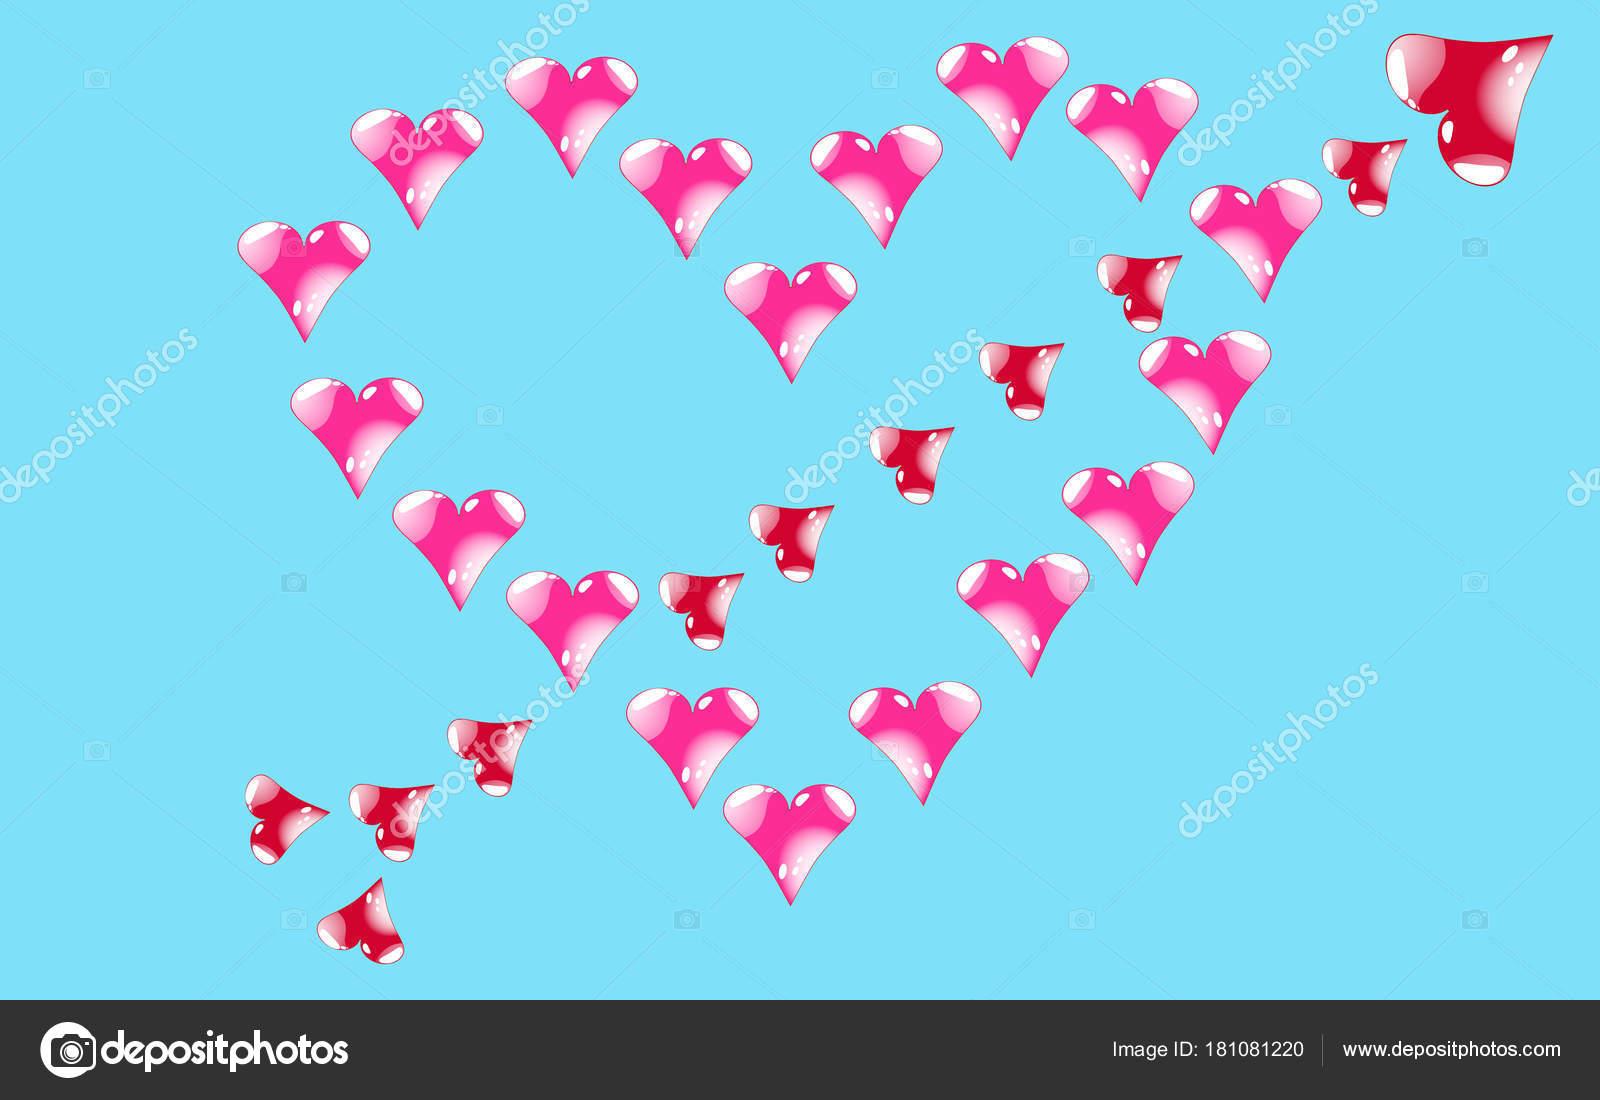 Fotos Corazon Hecho Por Corazón Hecho Rosas Corazones Traspasados